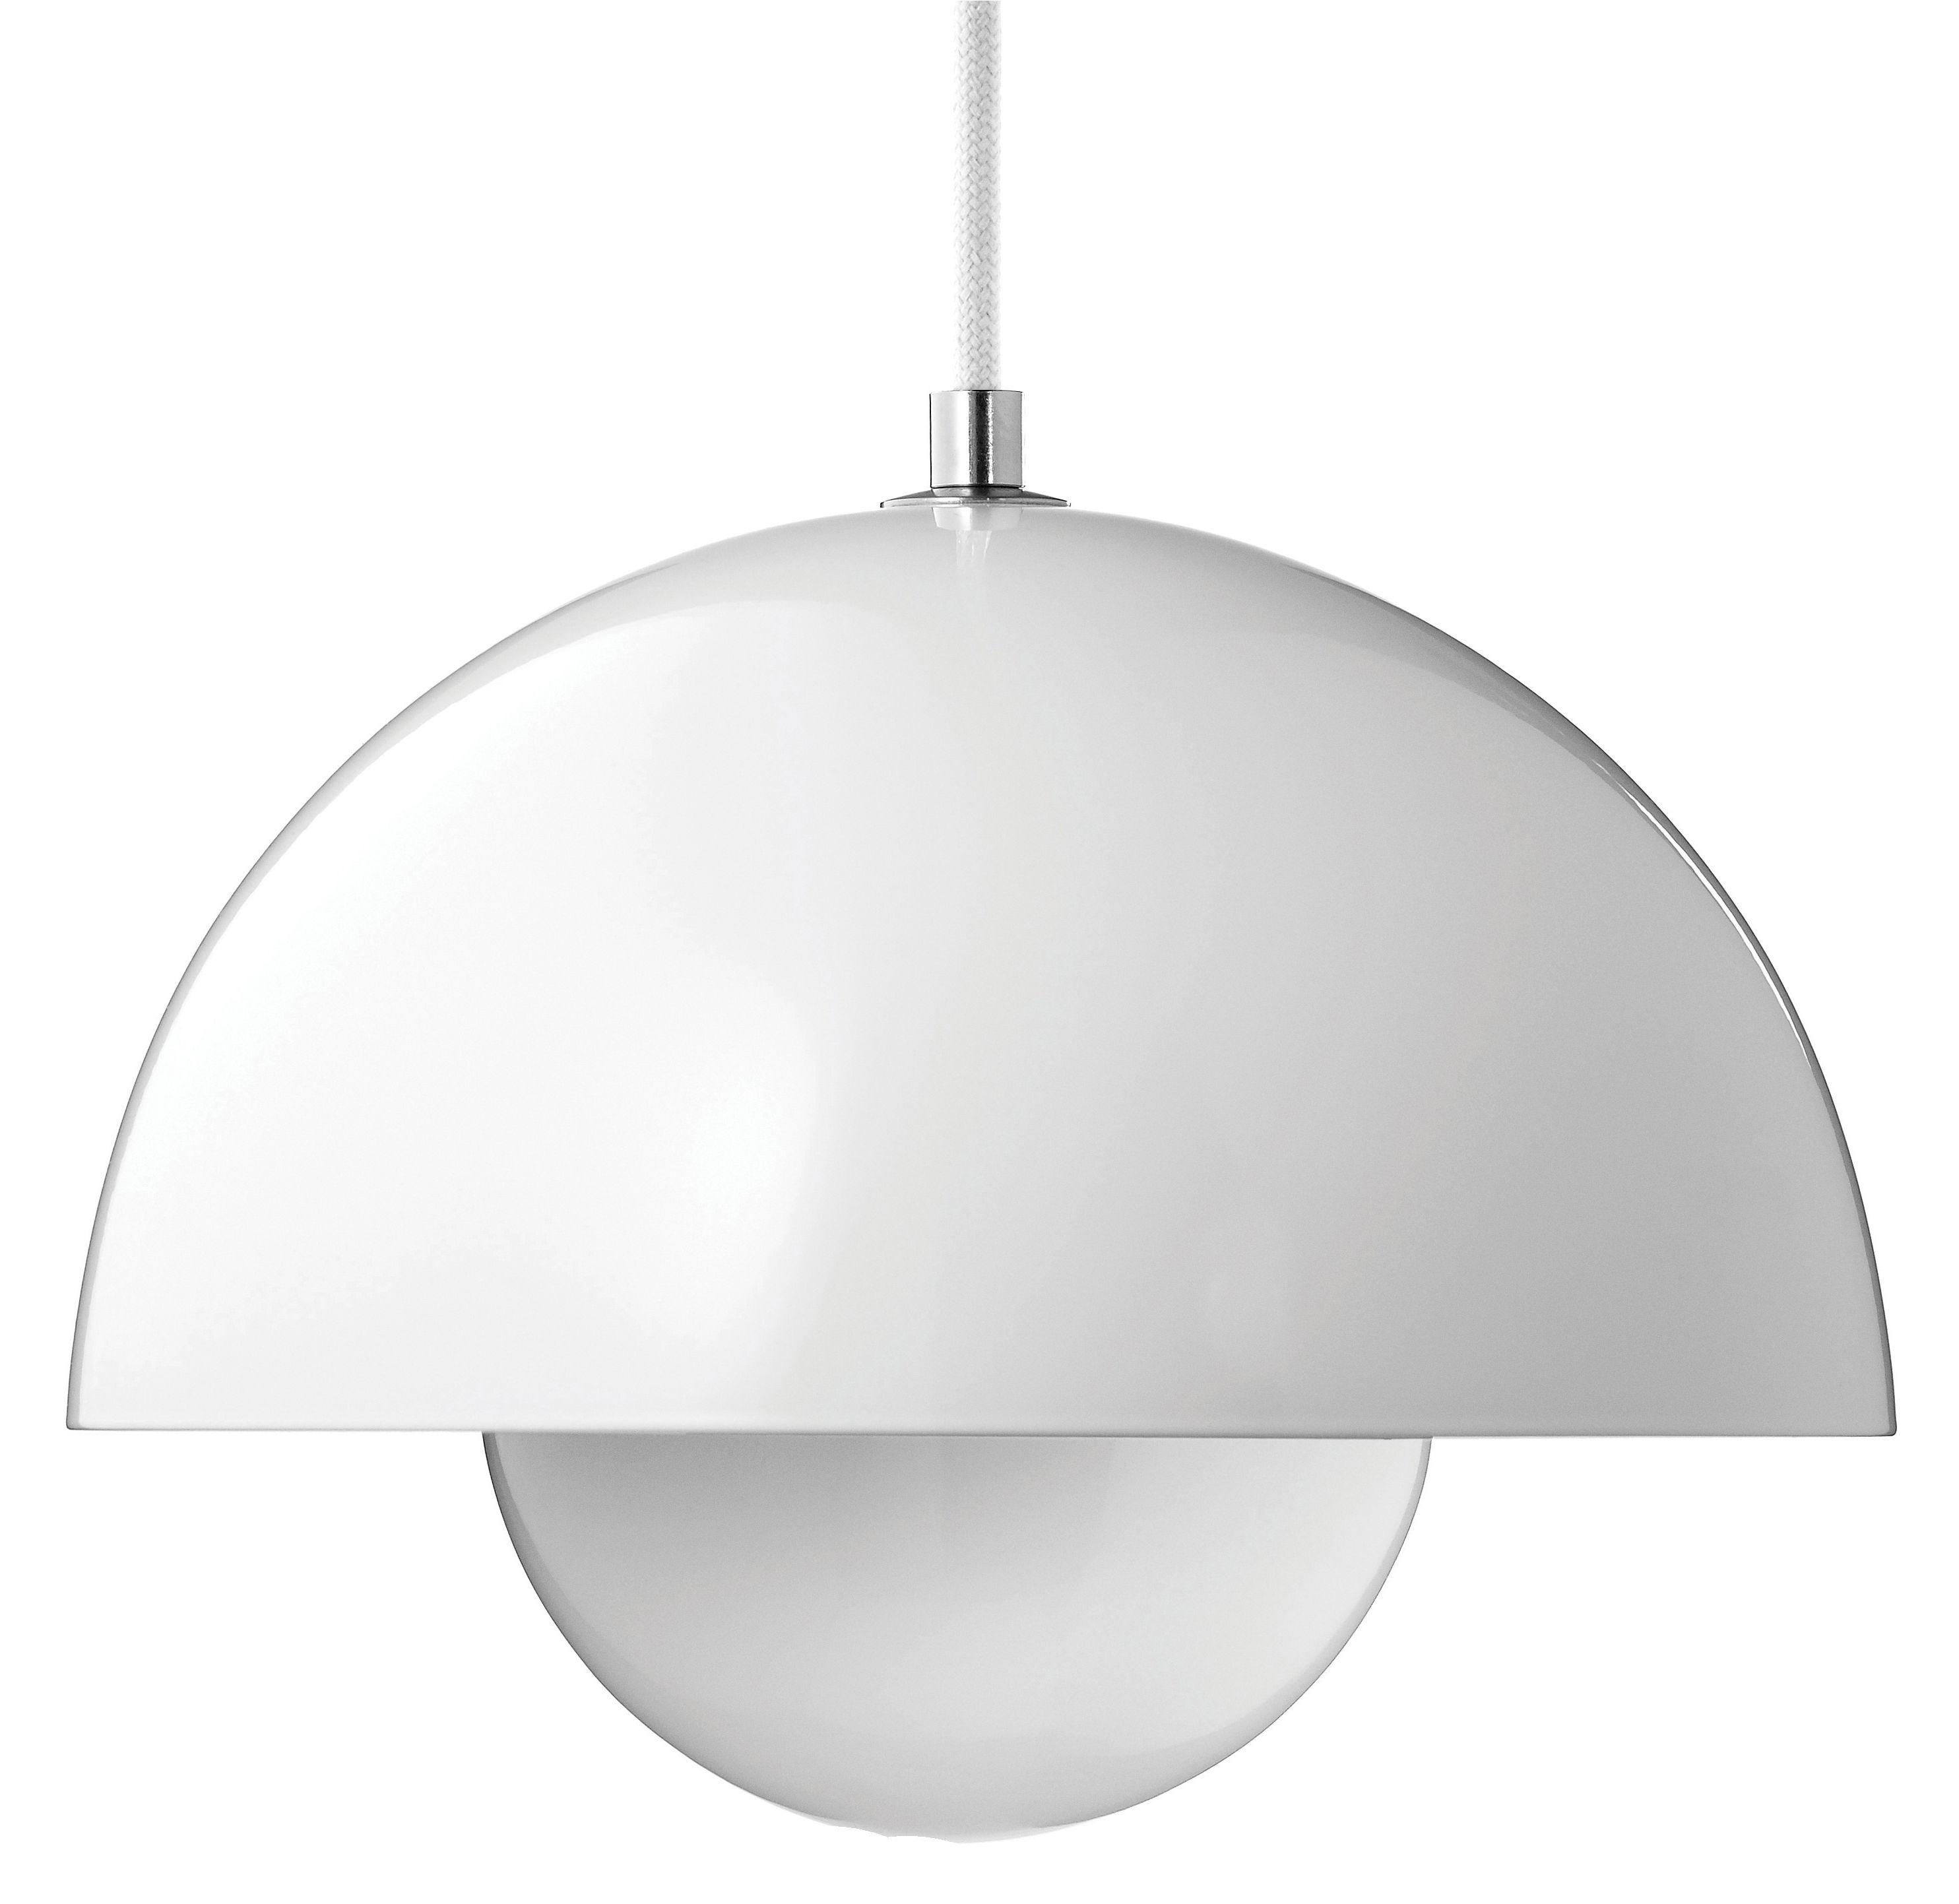 Illuminazione - Lampadari - Sospensione FlowerPot VP1 - Ø 23 cm di &tradition - Bianco - Alluminio laccato